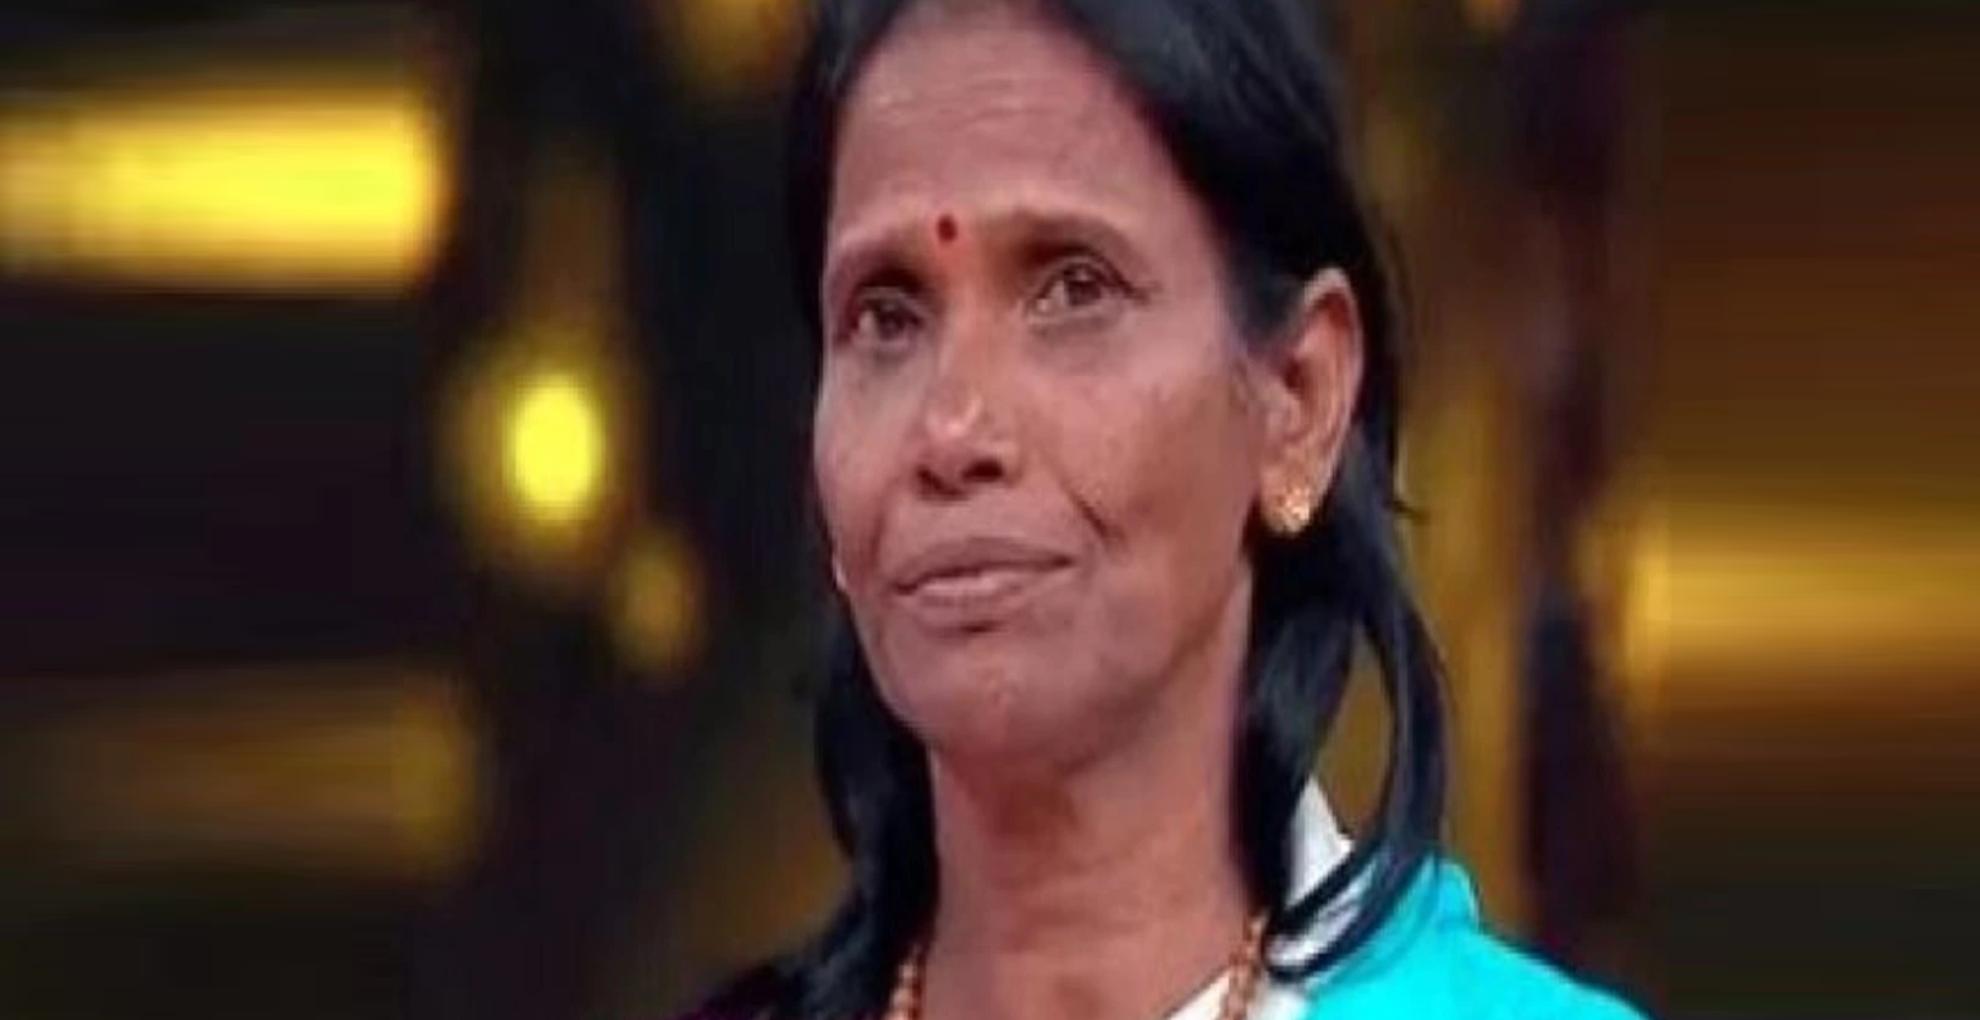 रानू मंडल ने तोड़ी चुप्पी, बताया क्या सच में सलमान खान ने उन्हें गिफ्ट किया है 55 लाख का घर